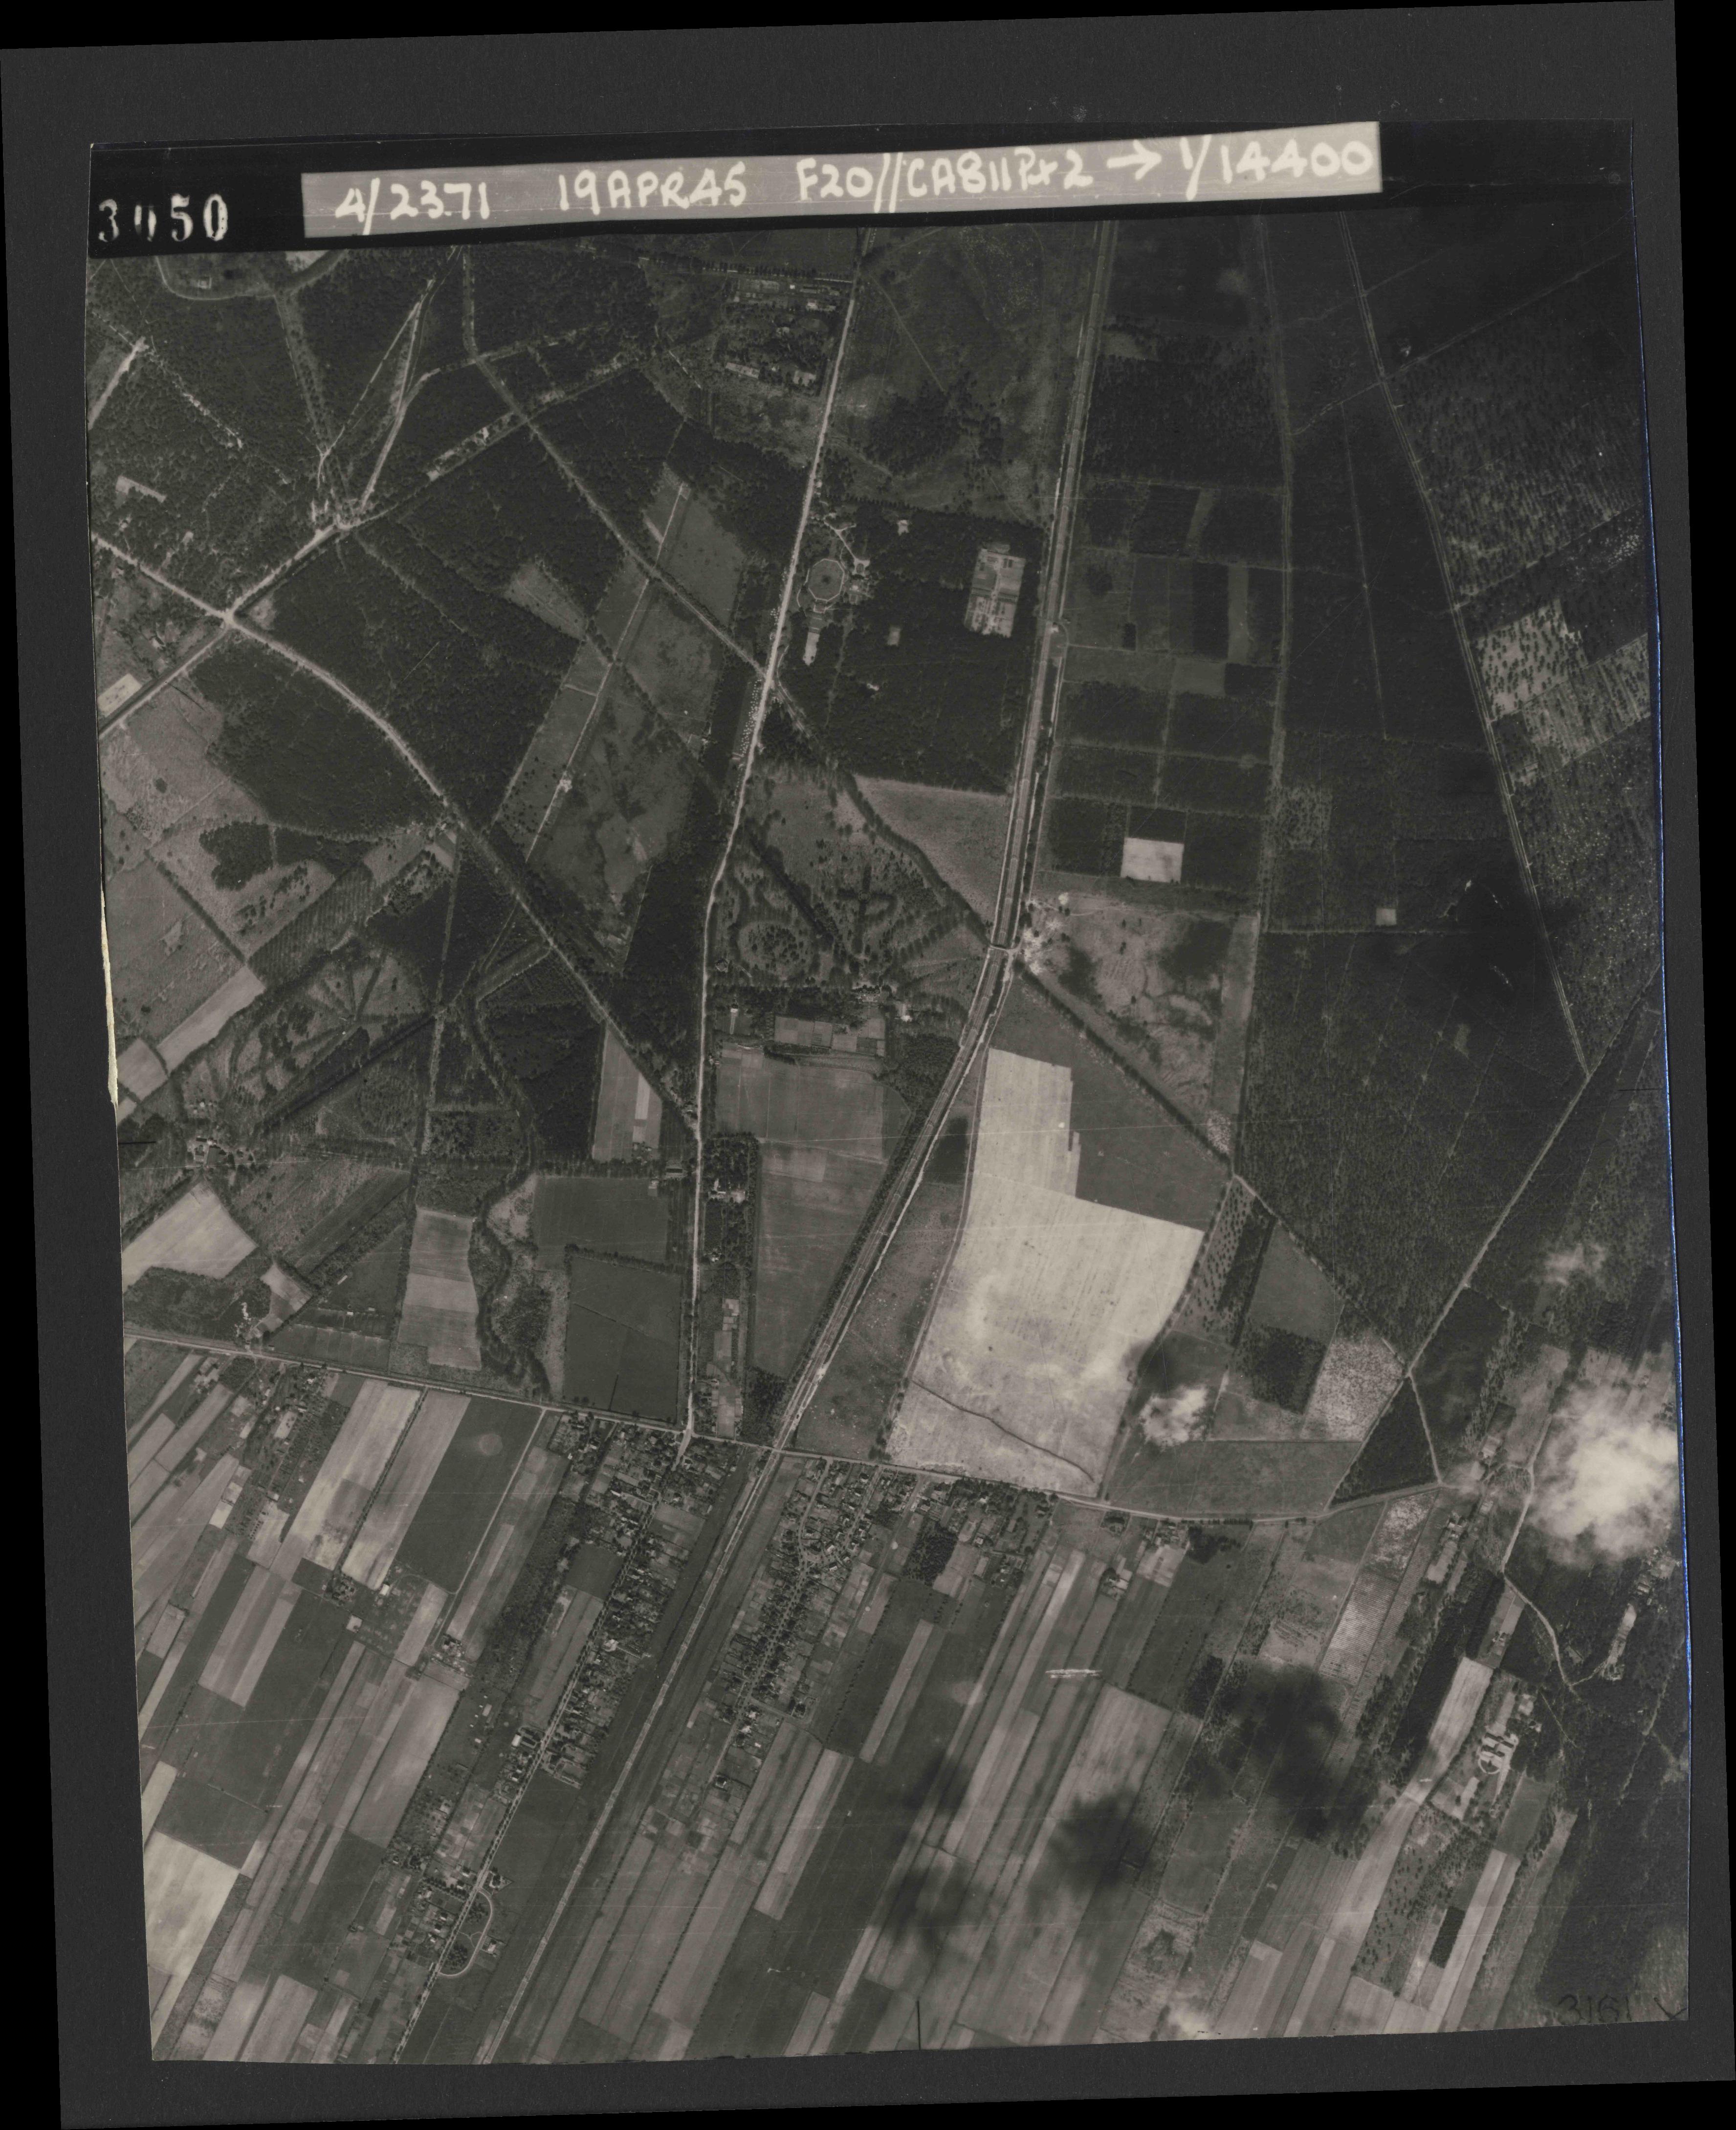 Collection RAF aerial photos 1940-1945 - flight 305, run 03, photo 3050